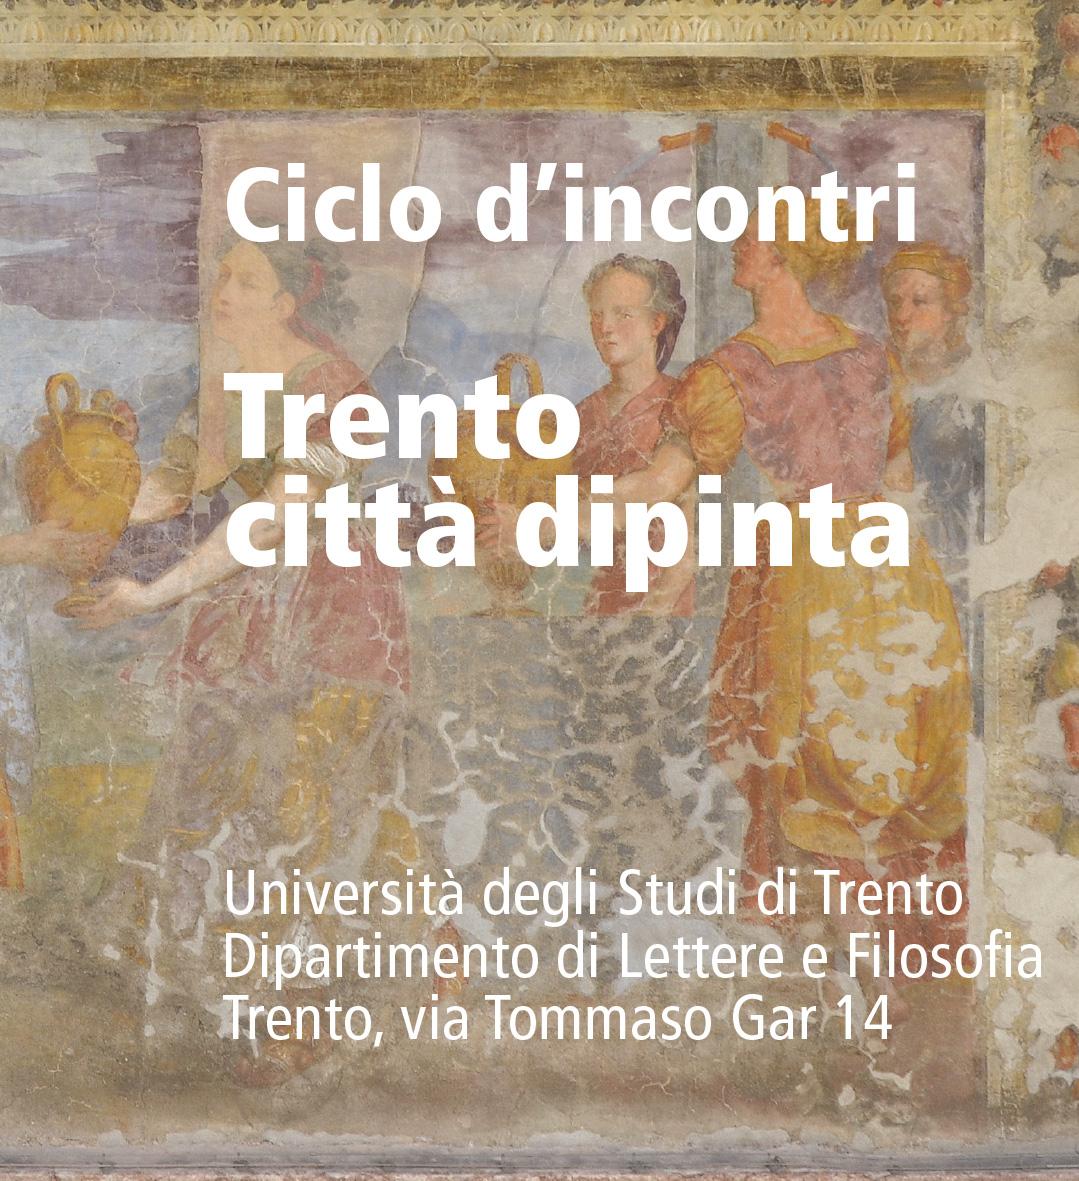 Locandina_Trento_TrevisoUrbsPicta